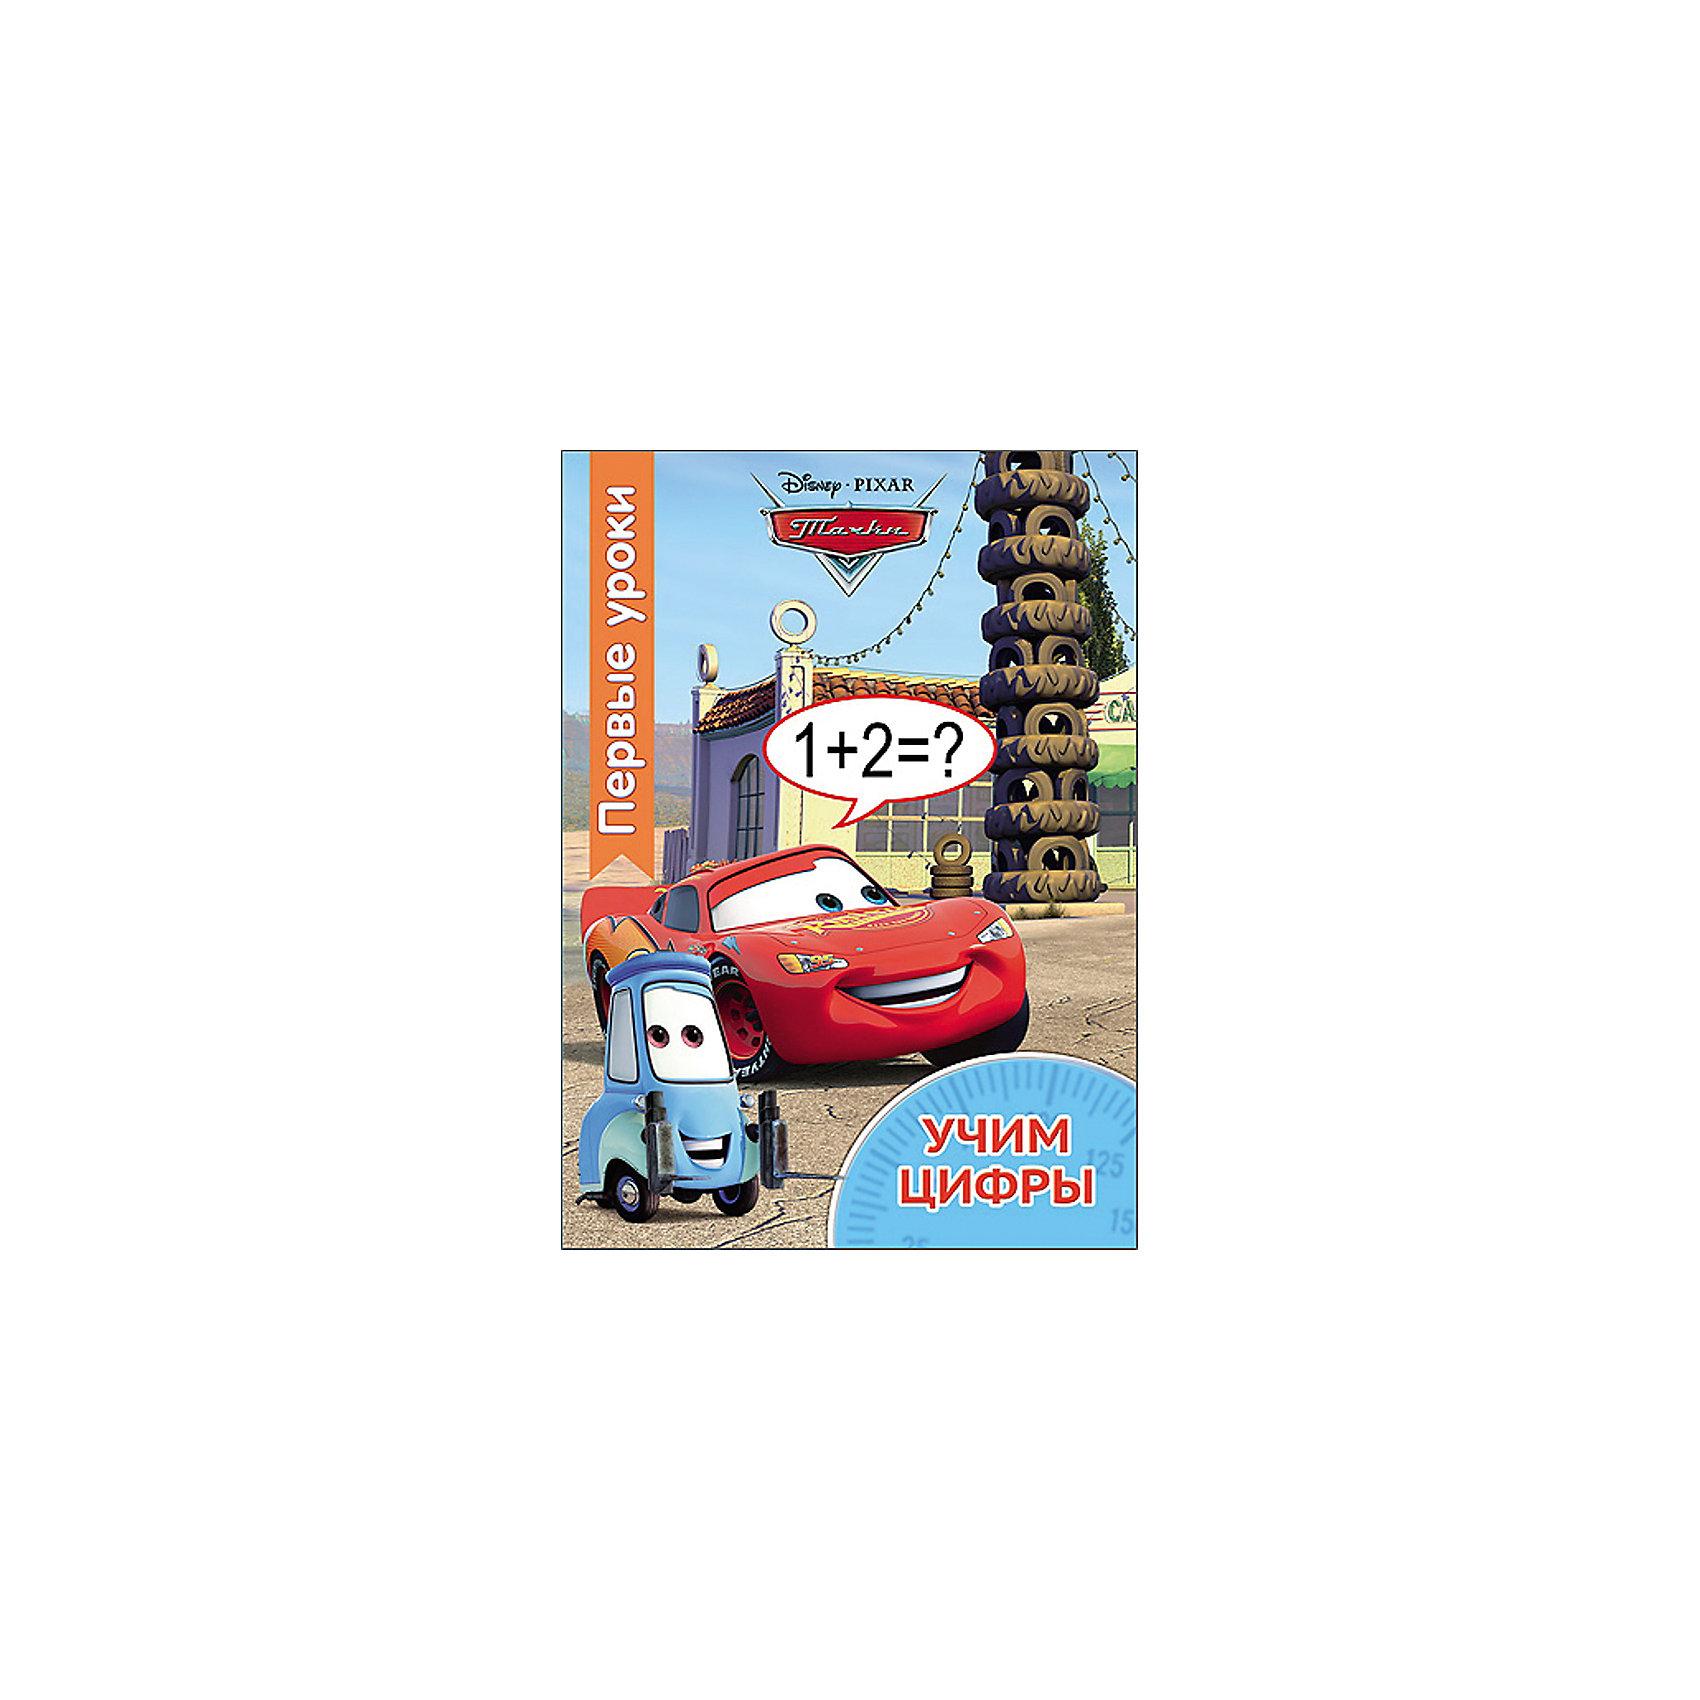 Книга Учим цифры, ТачкиУчиться-легко! С любимыми героями Disney (Дисней) ваш малыш в игровой форме многому научиться: узнавать цифры, писать их и считать. С удобными мини-книжками можно заниматься не только дома, но и в поездках.<br><br>Дополнительная информация:<br><br>Переплет: картон<br>Страниц:10<br>Формат: 110х150 мм<br><br>Книгу Учим цифры, Тачки можно купить в нашем магазине.<br><br>Ширина мм: 110<br>Глубина мм: 5<br>Высота мм: 150<br>Вес г: 70<br>Возраст от месяцев: 48<br>Возраст до месяцев: 72<br>Пол: Унисекс<br>Возраст: Детский<br>SKU: 4612596